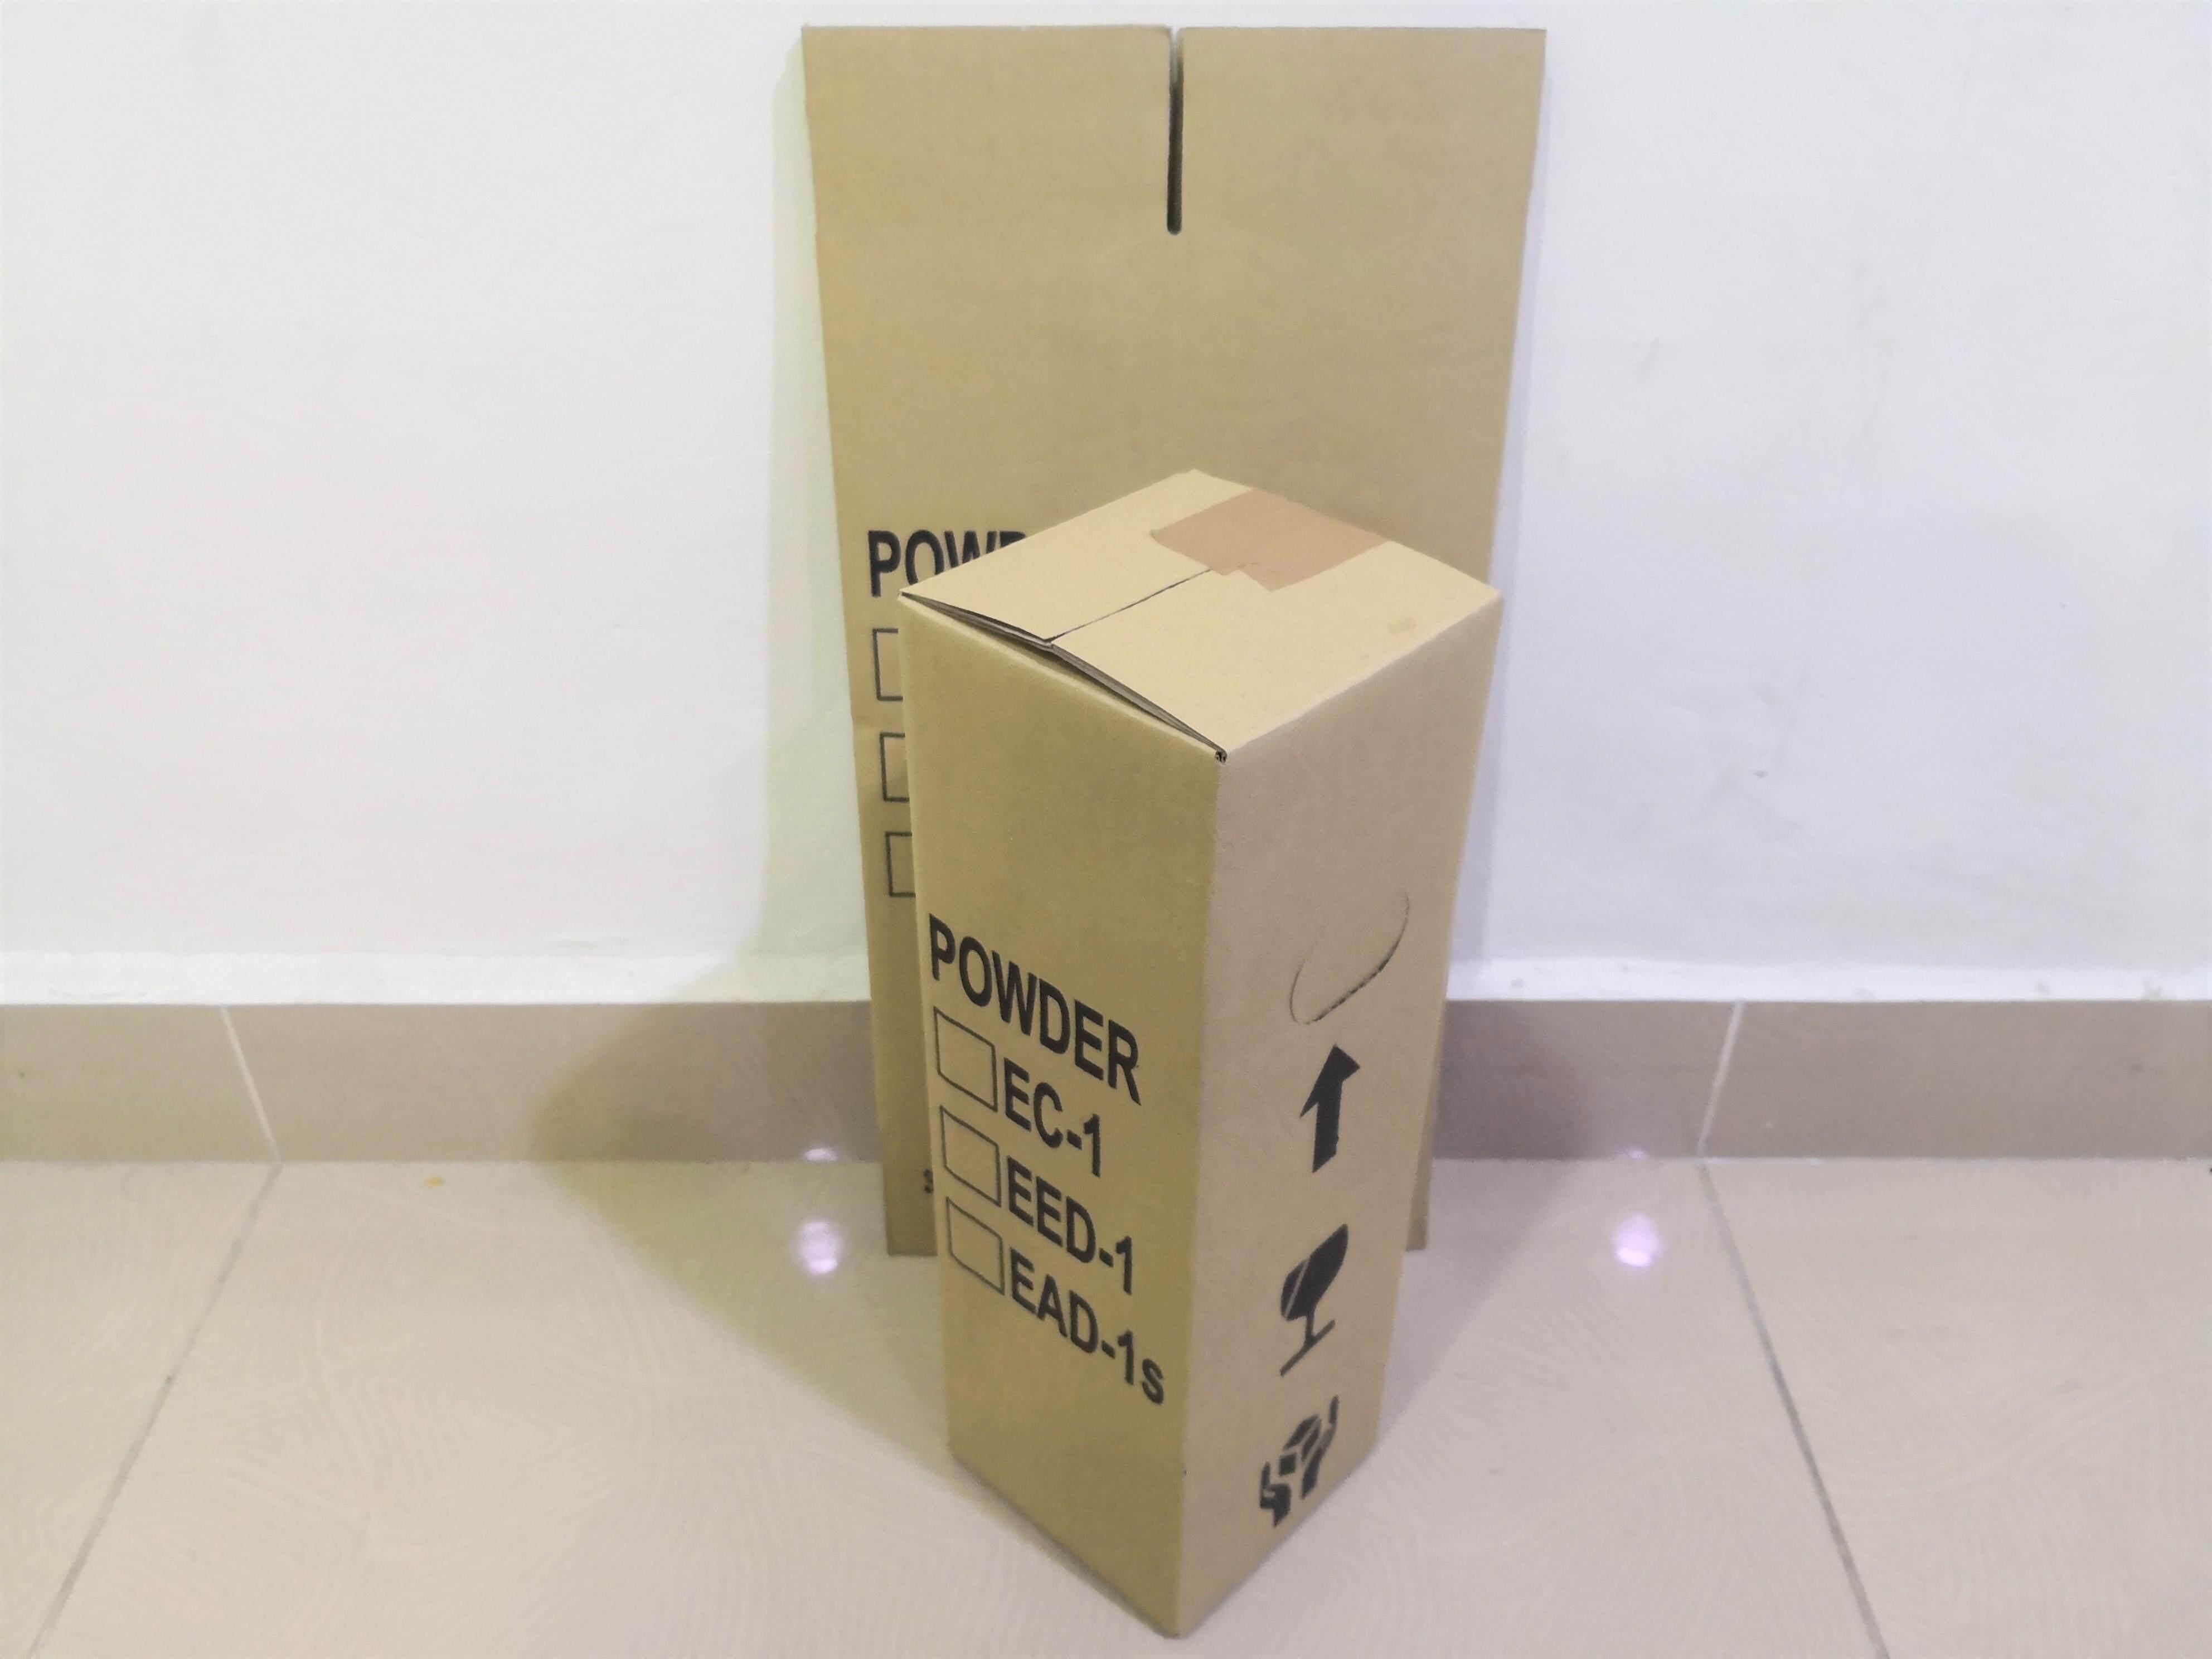 20pcs Printed Carton Boxes (L108 X W108 X H336mm)